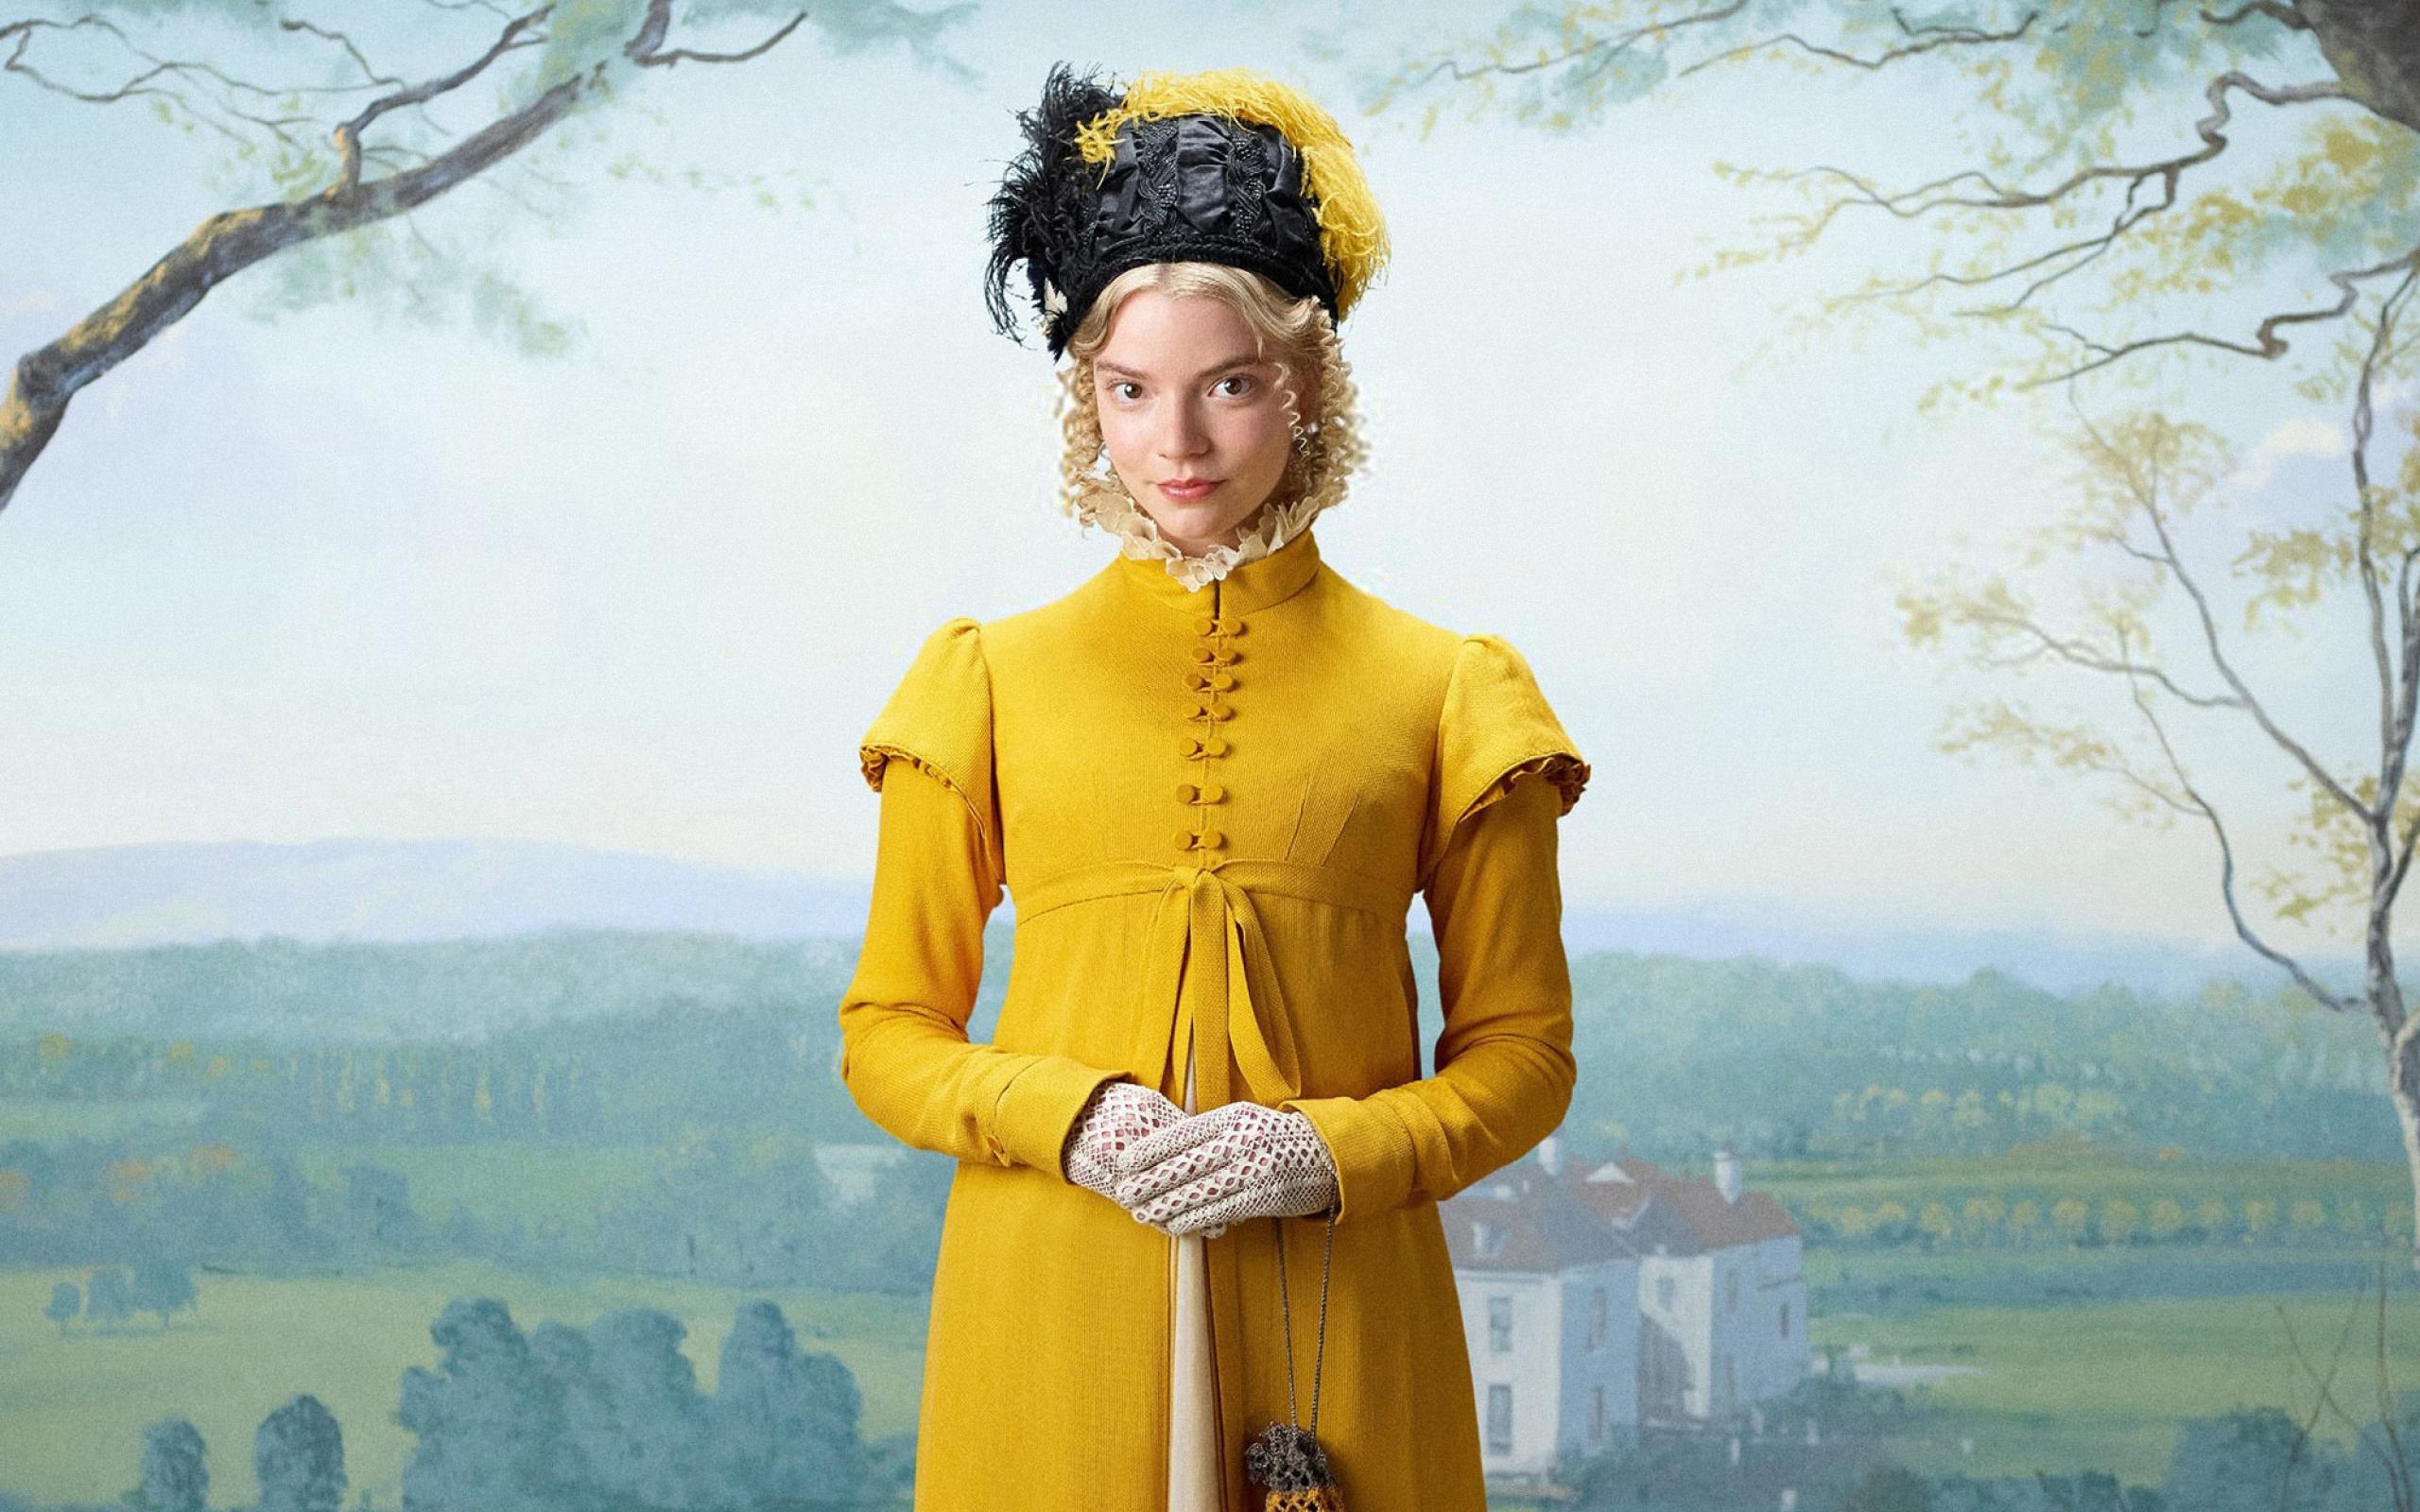 2560x1600 Emma 2020 Movie 2560x1600 Resolution Wallpaper HD 2560x1600